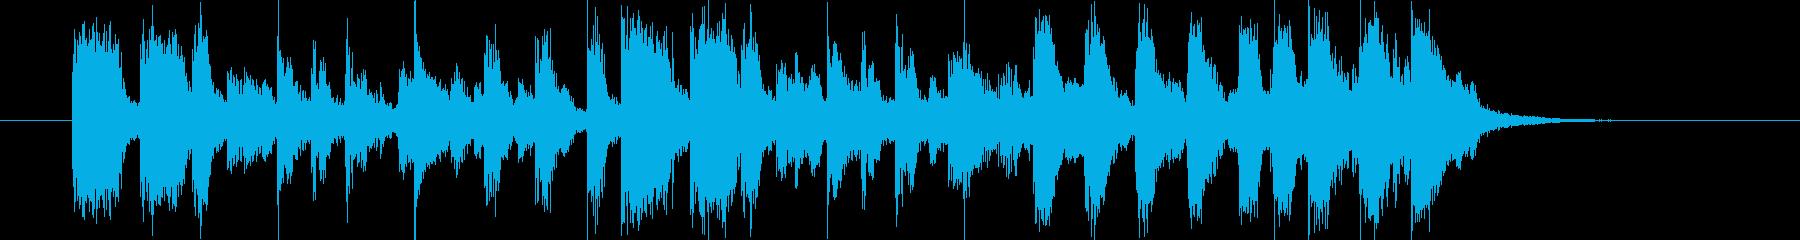 おしゃれでワクワク感ギターシンセサウンドの再生済みの波形